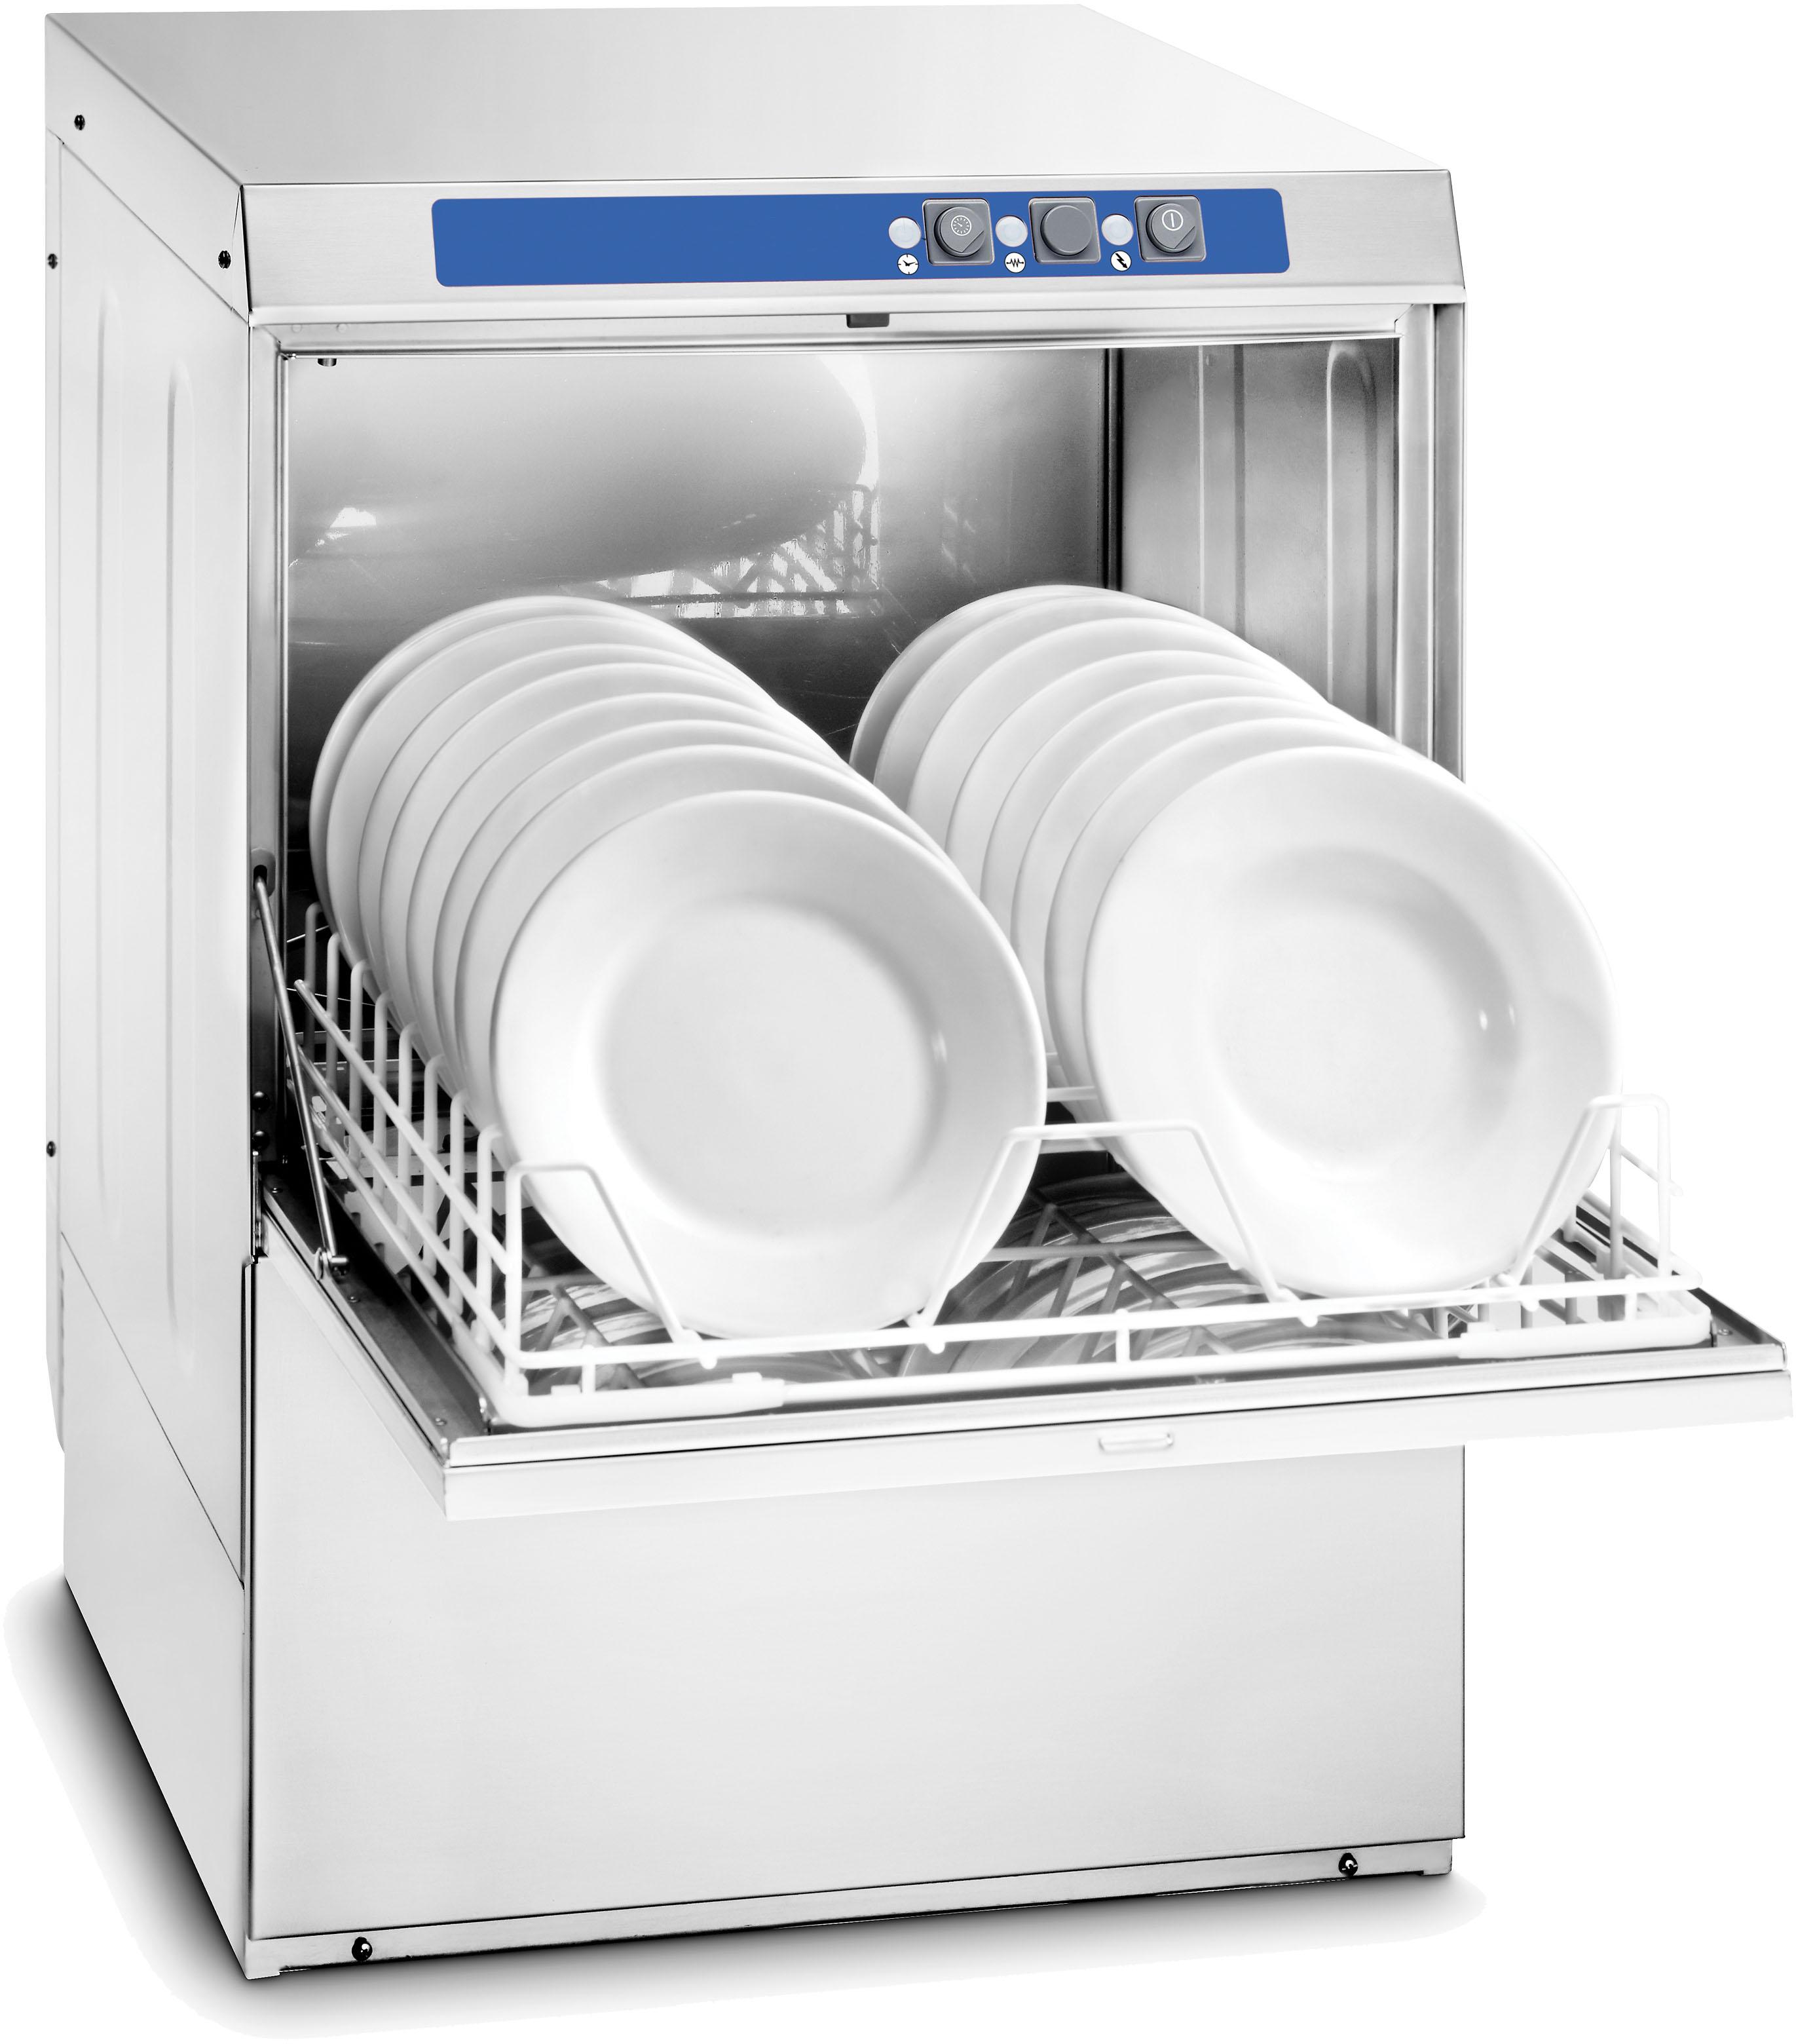 Vente du mat riel et quipement caf glacier grossiste for Soldes materiel cuisine